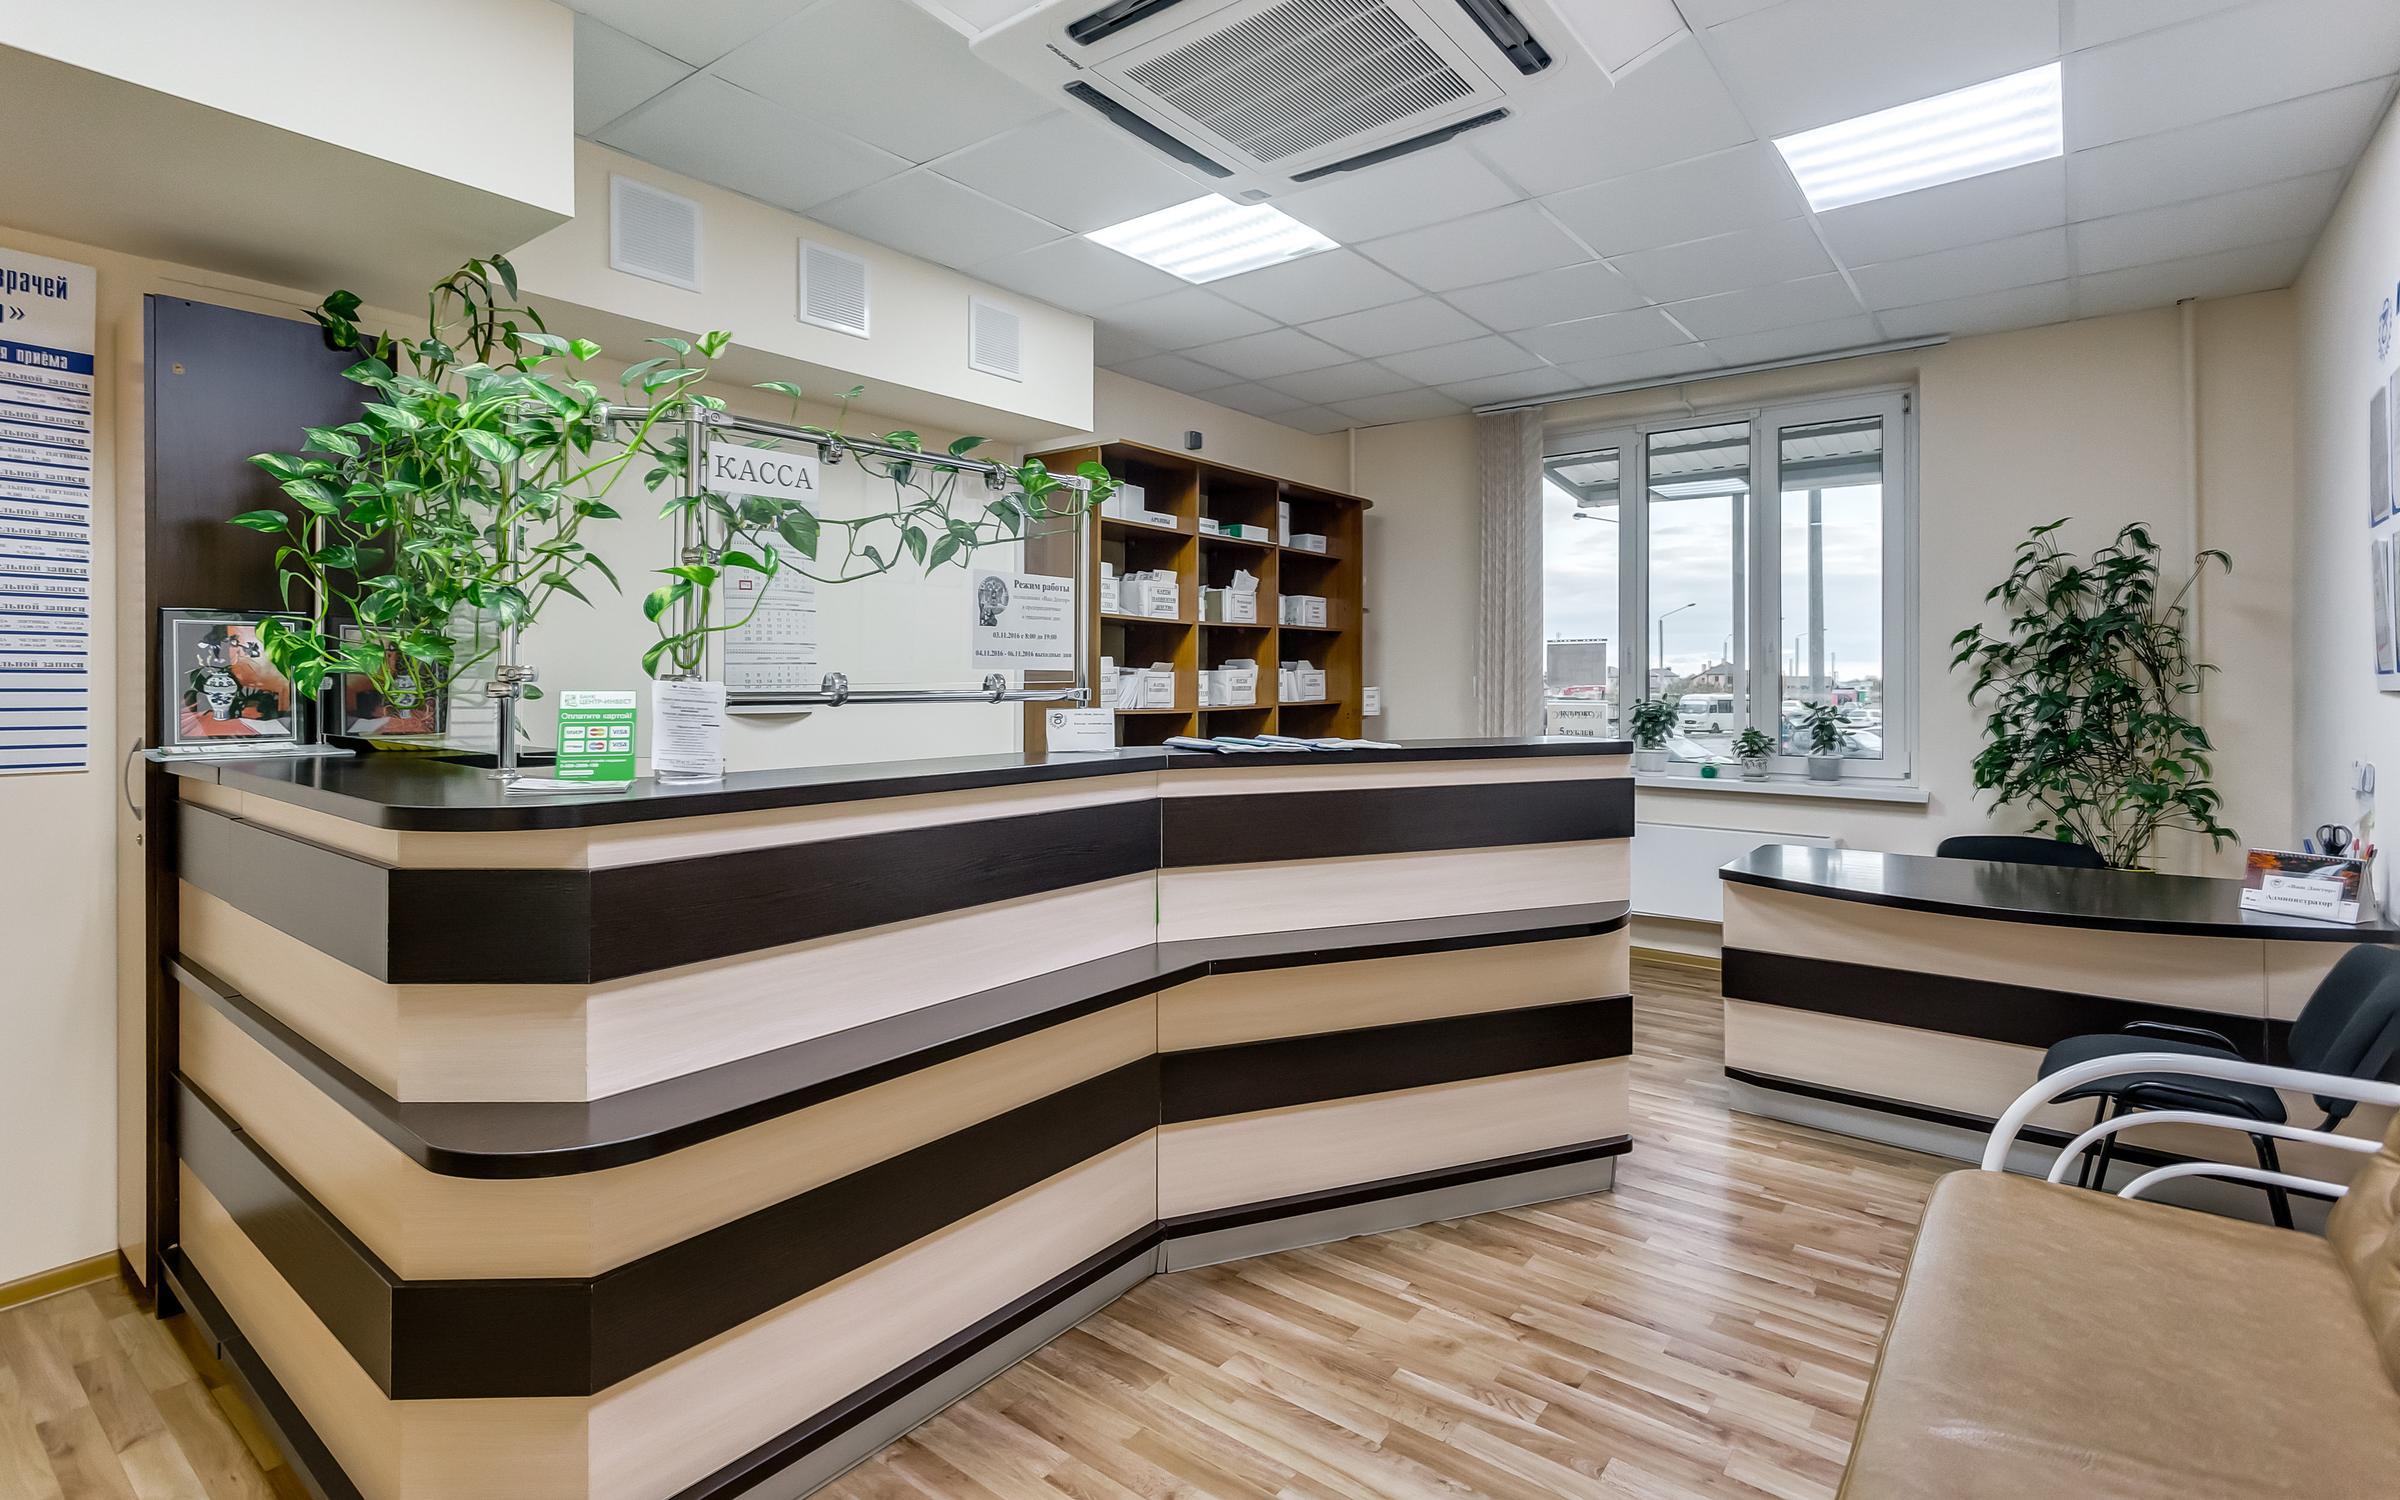 фотография Клиники Ваш Доктор в Советском районе